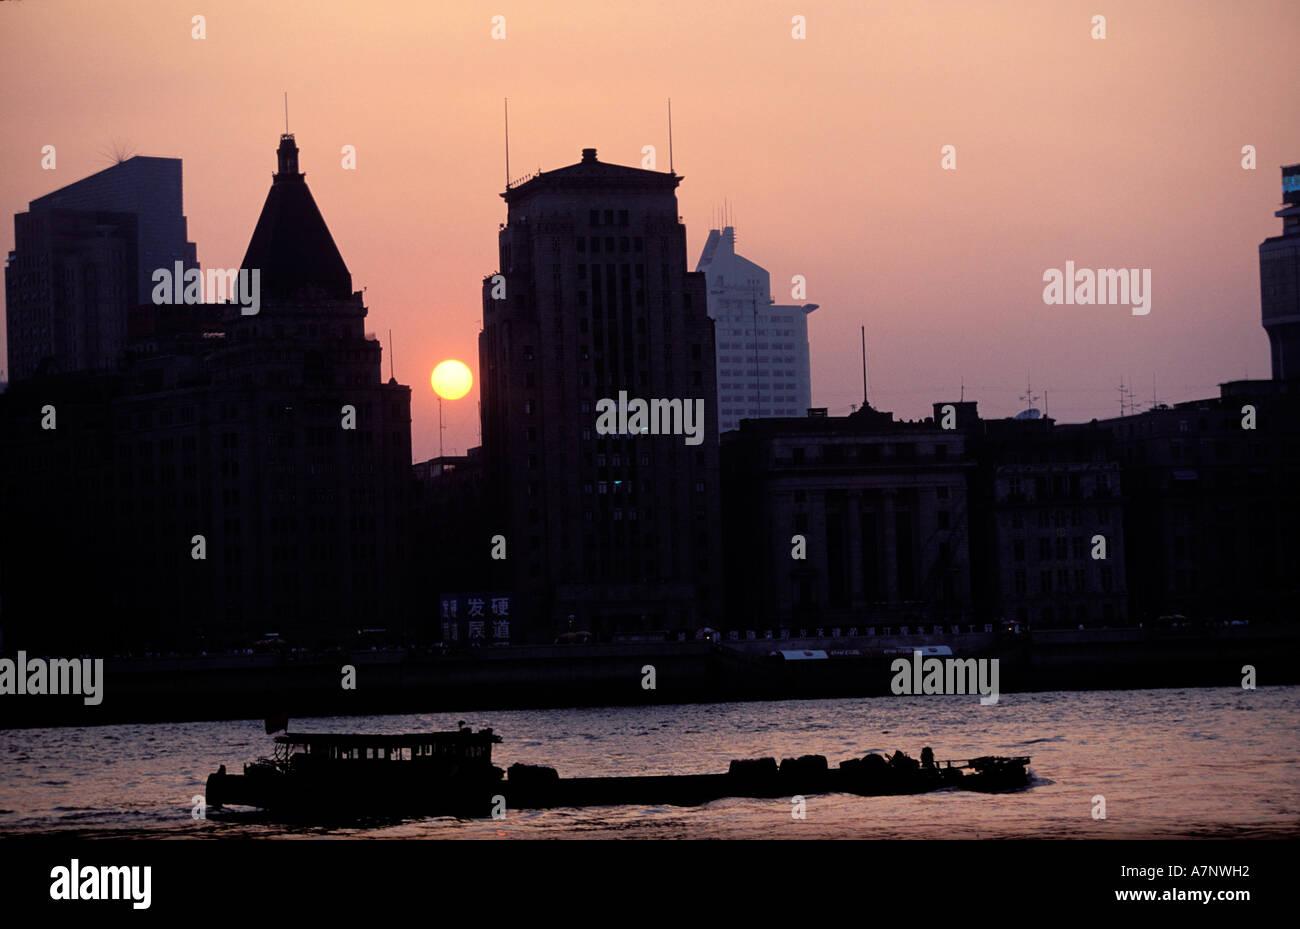 China, la ciudad de Shanghai, el Bund, símbolo de los 30's la arquitectura neoclásica Imagen De Stock